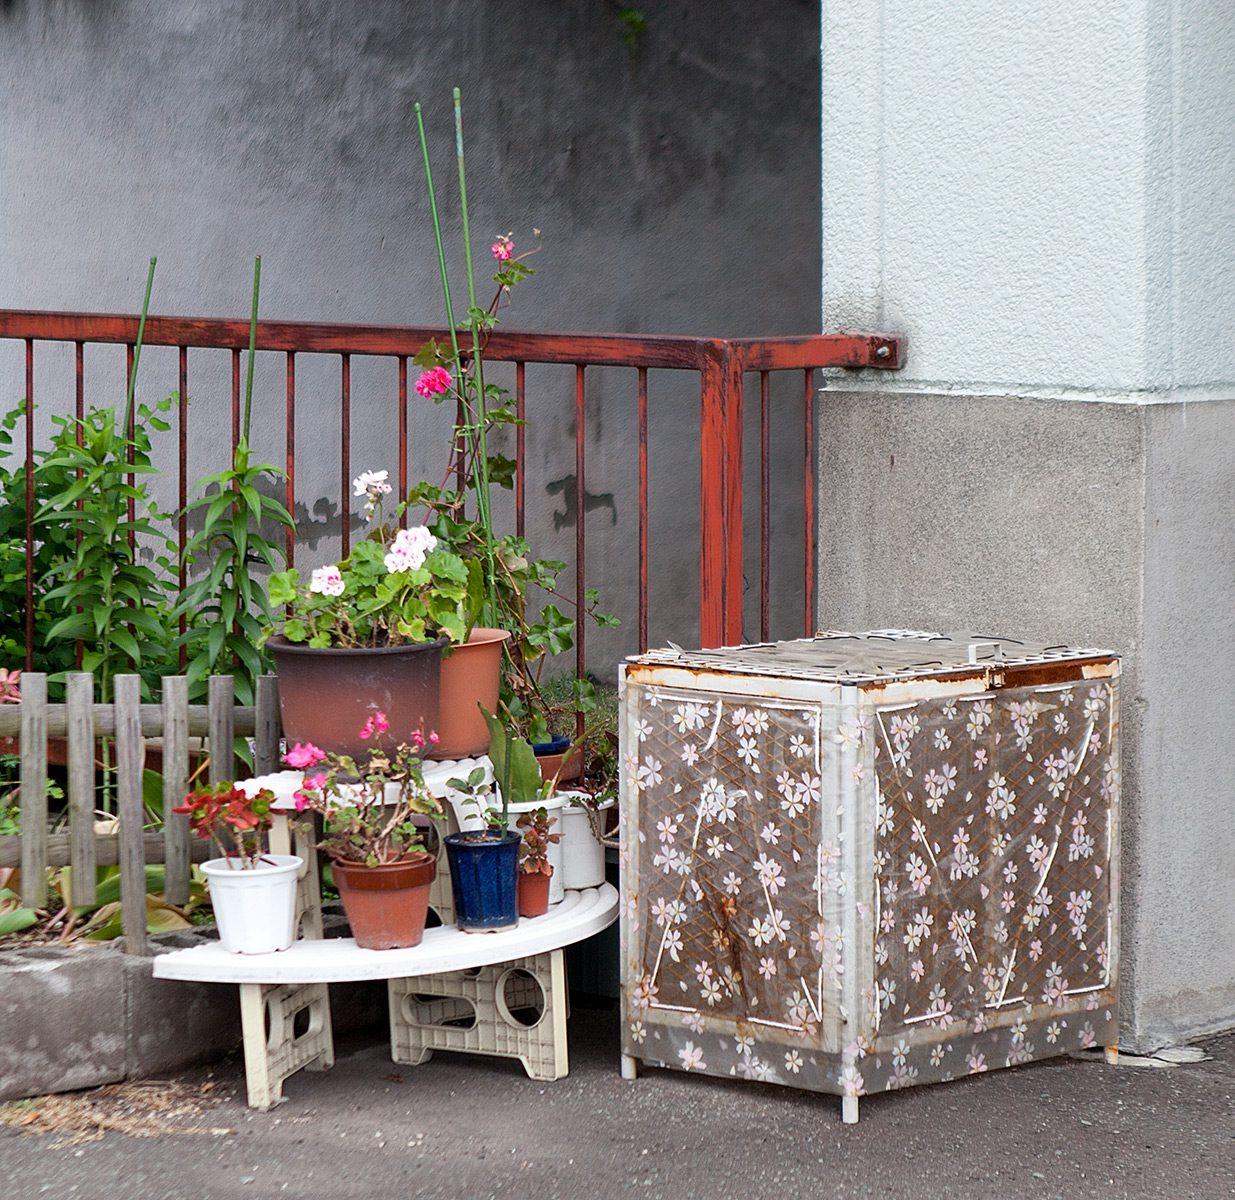 Kleines Tischchen mit Topfblumen und Kiste